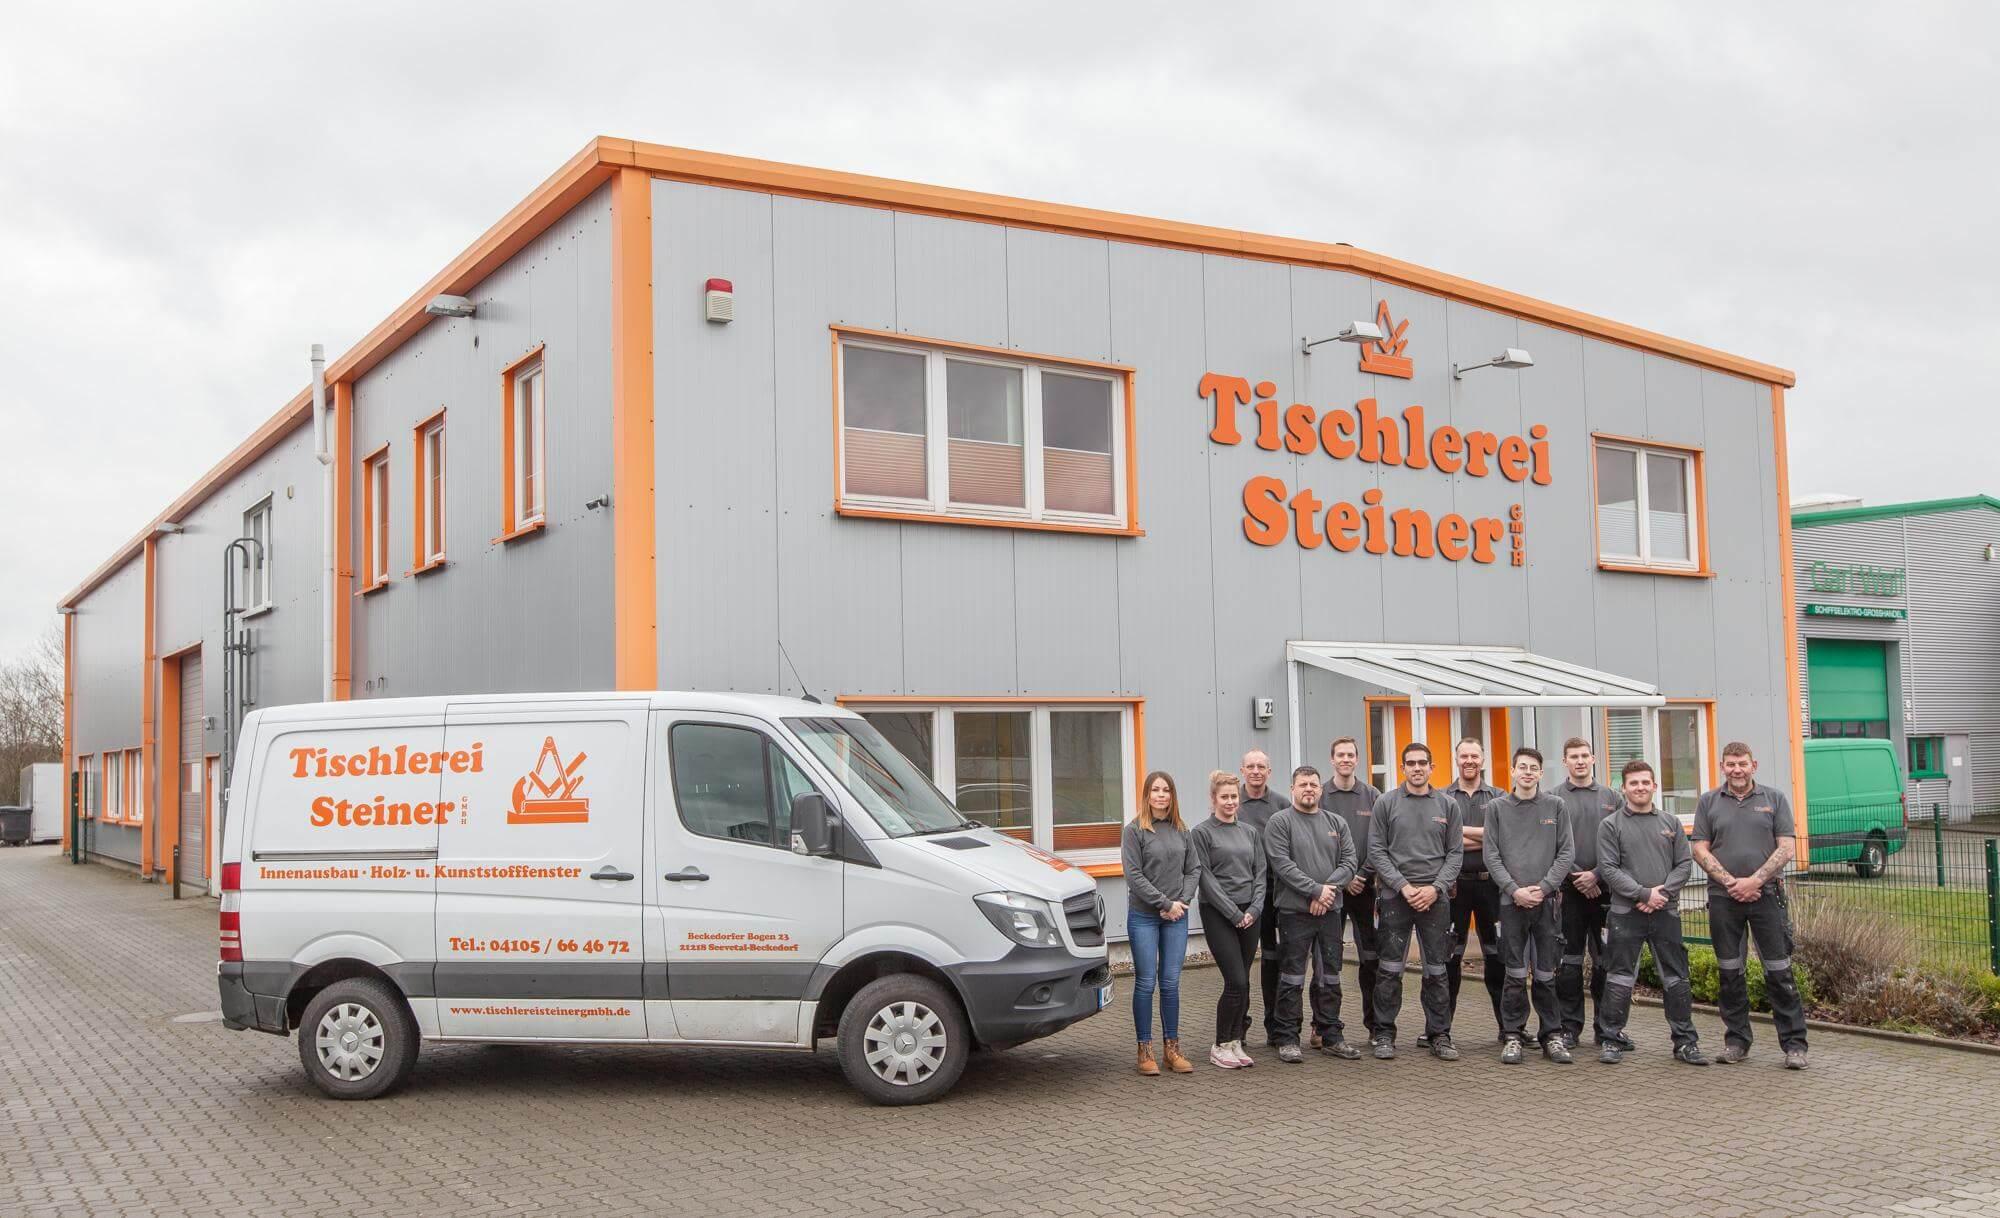 Businessfotos_Referenz_Tischlerei_Steiner_GmbH